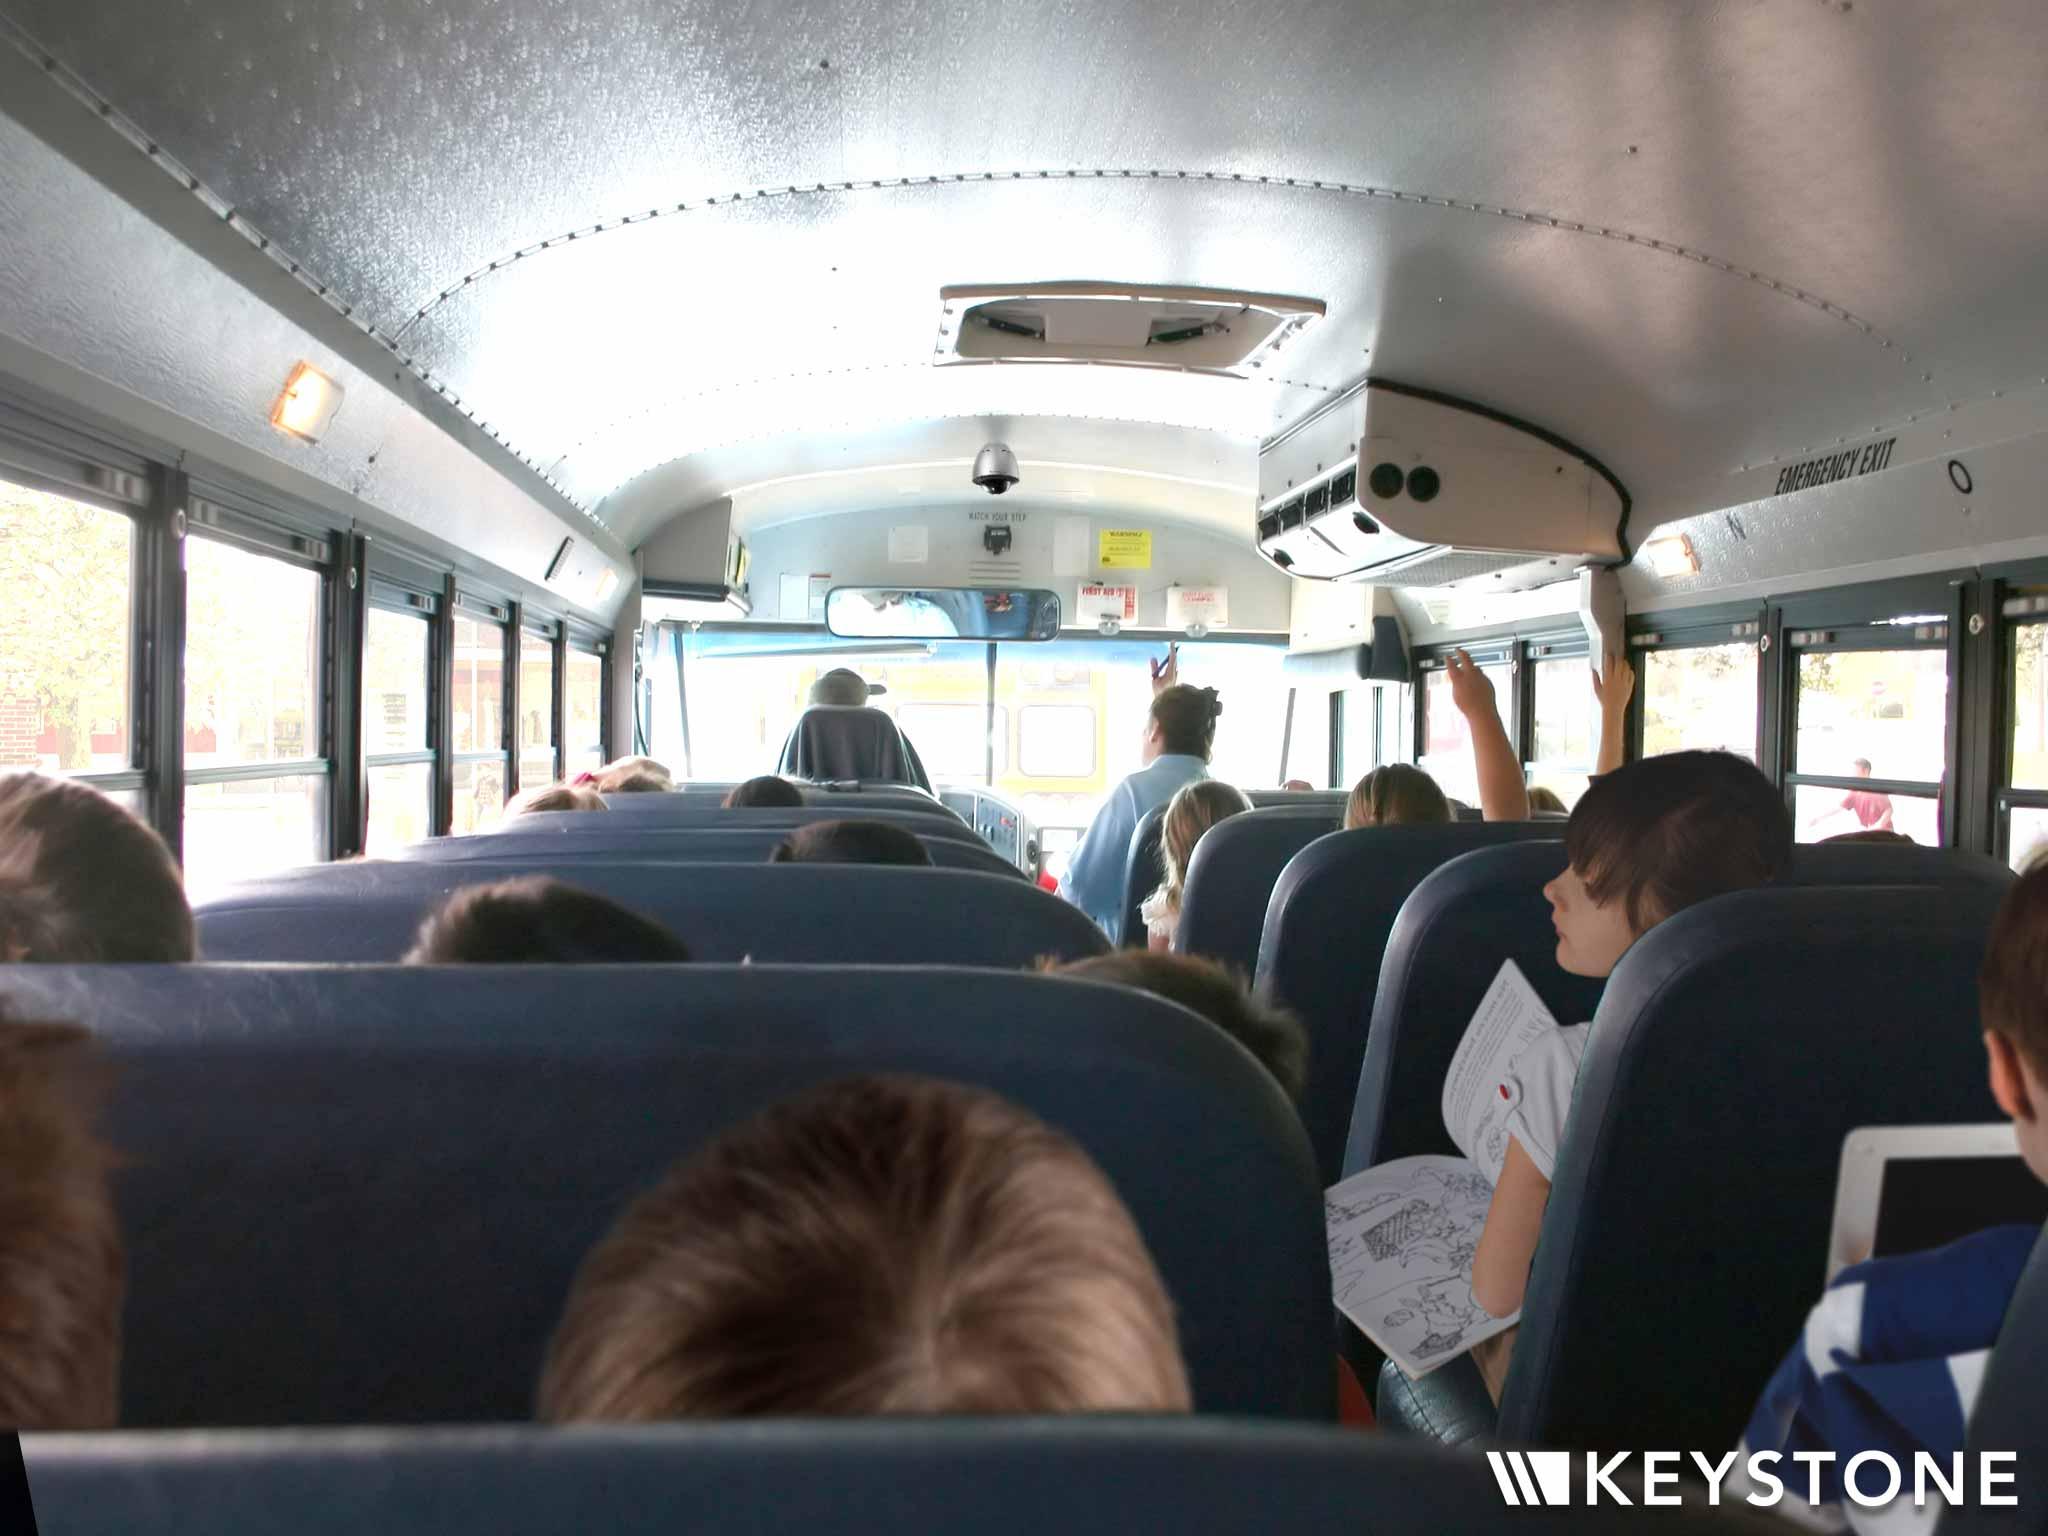 School Transportation - Interior